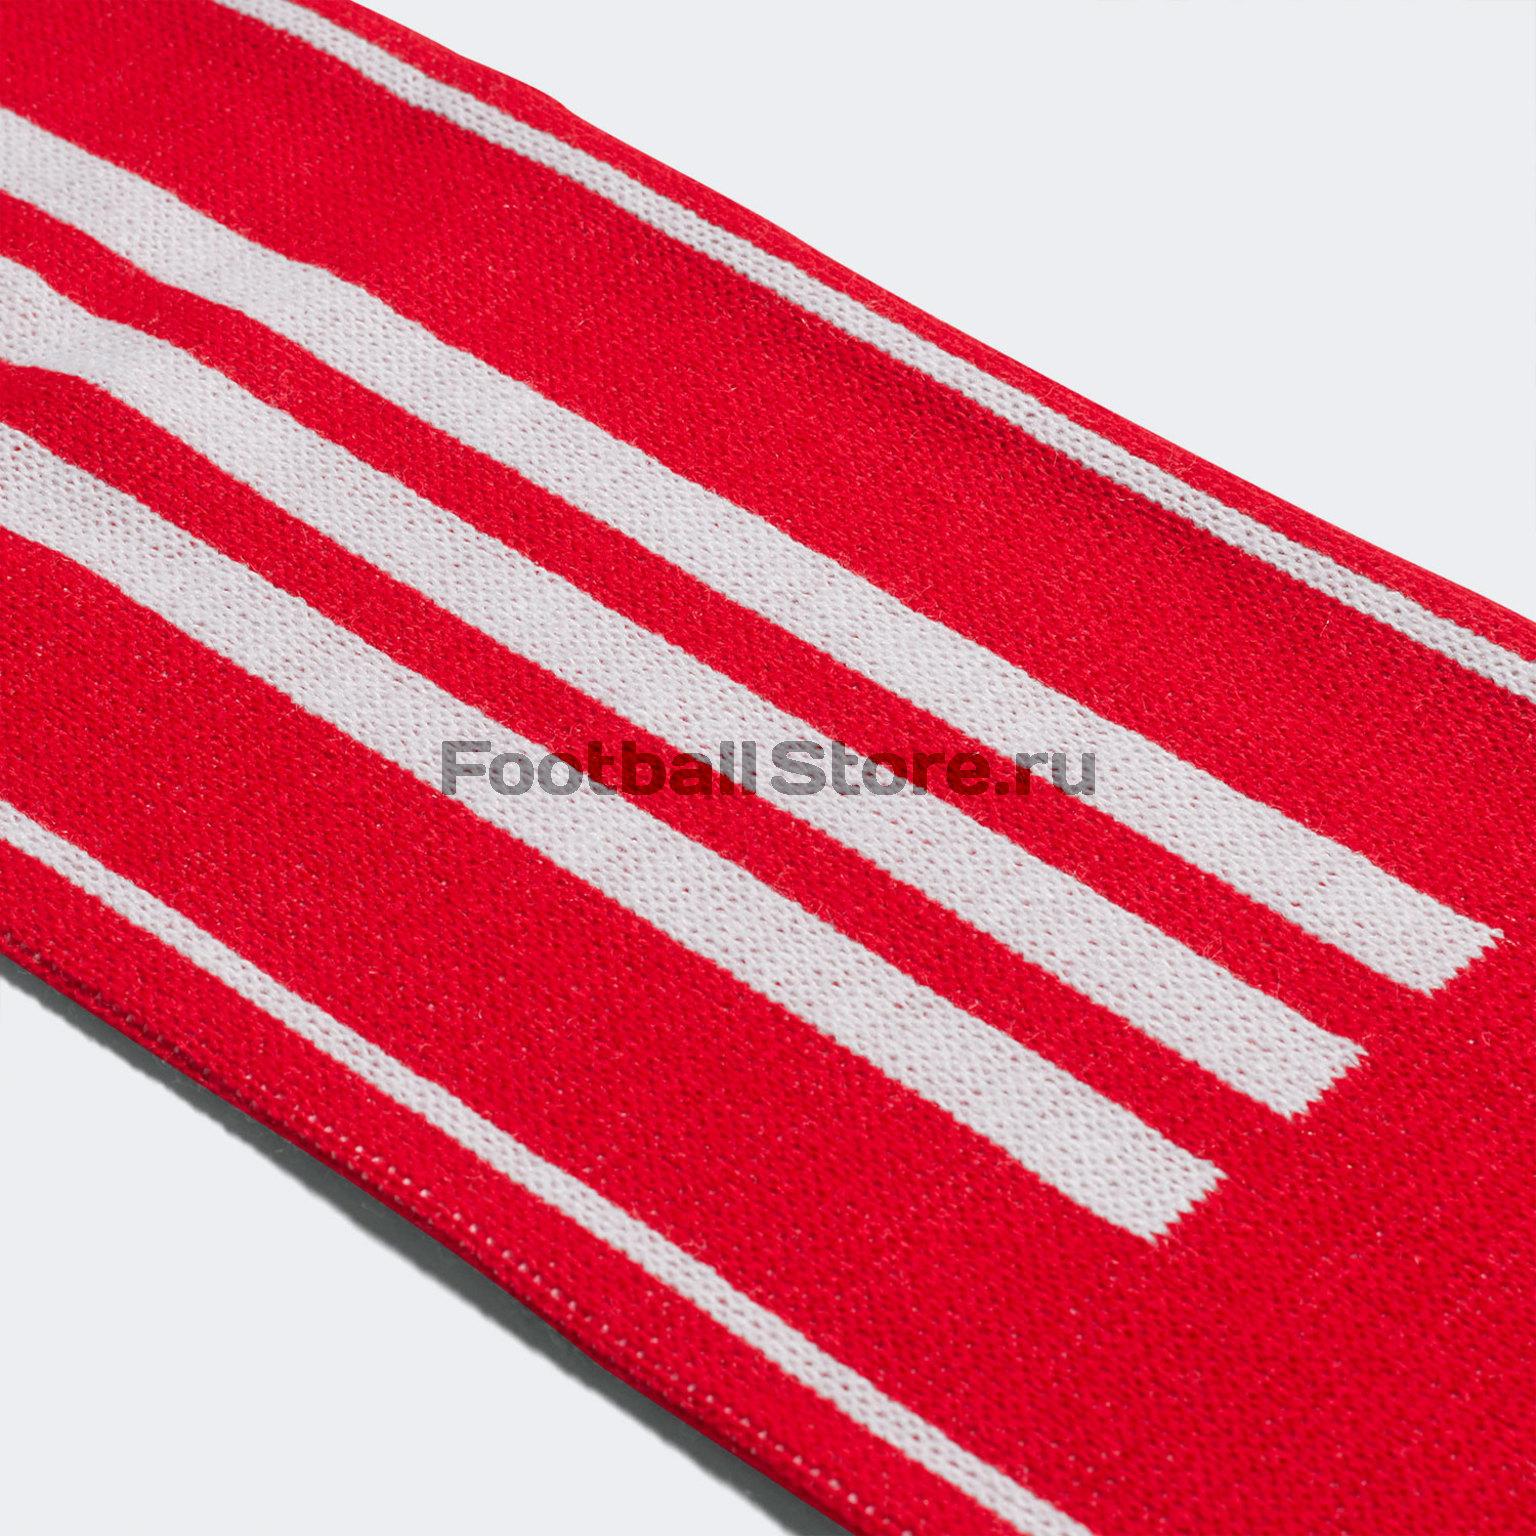 521d0cff1c29 Шарф Adidas Russia CF Scarf CF5173 - купить в интернет-магазине ...